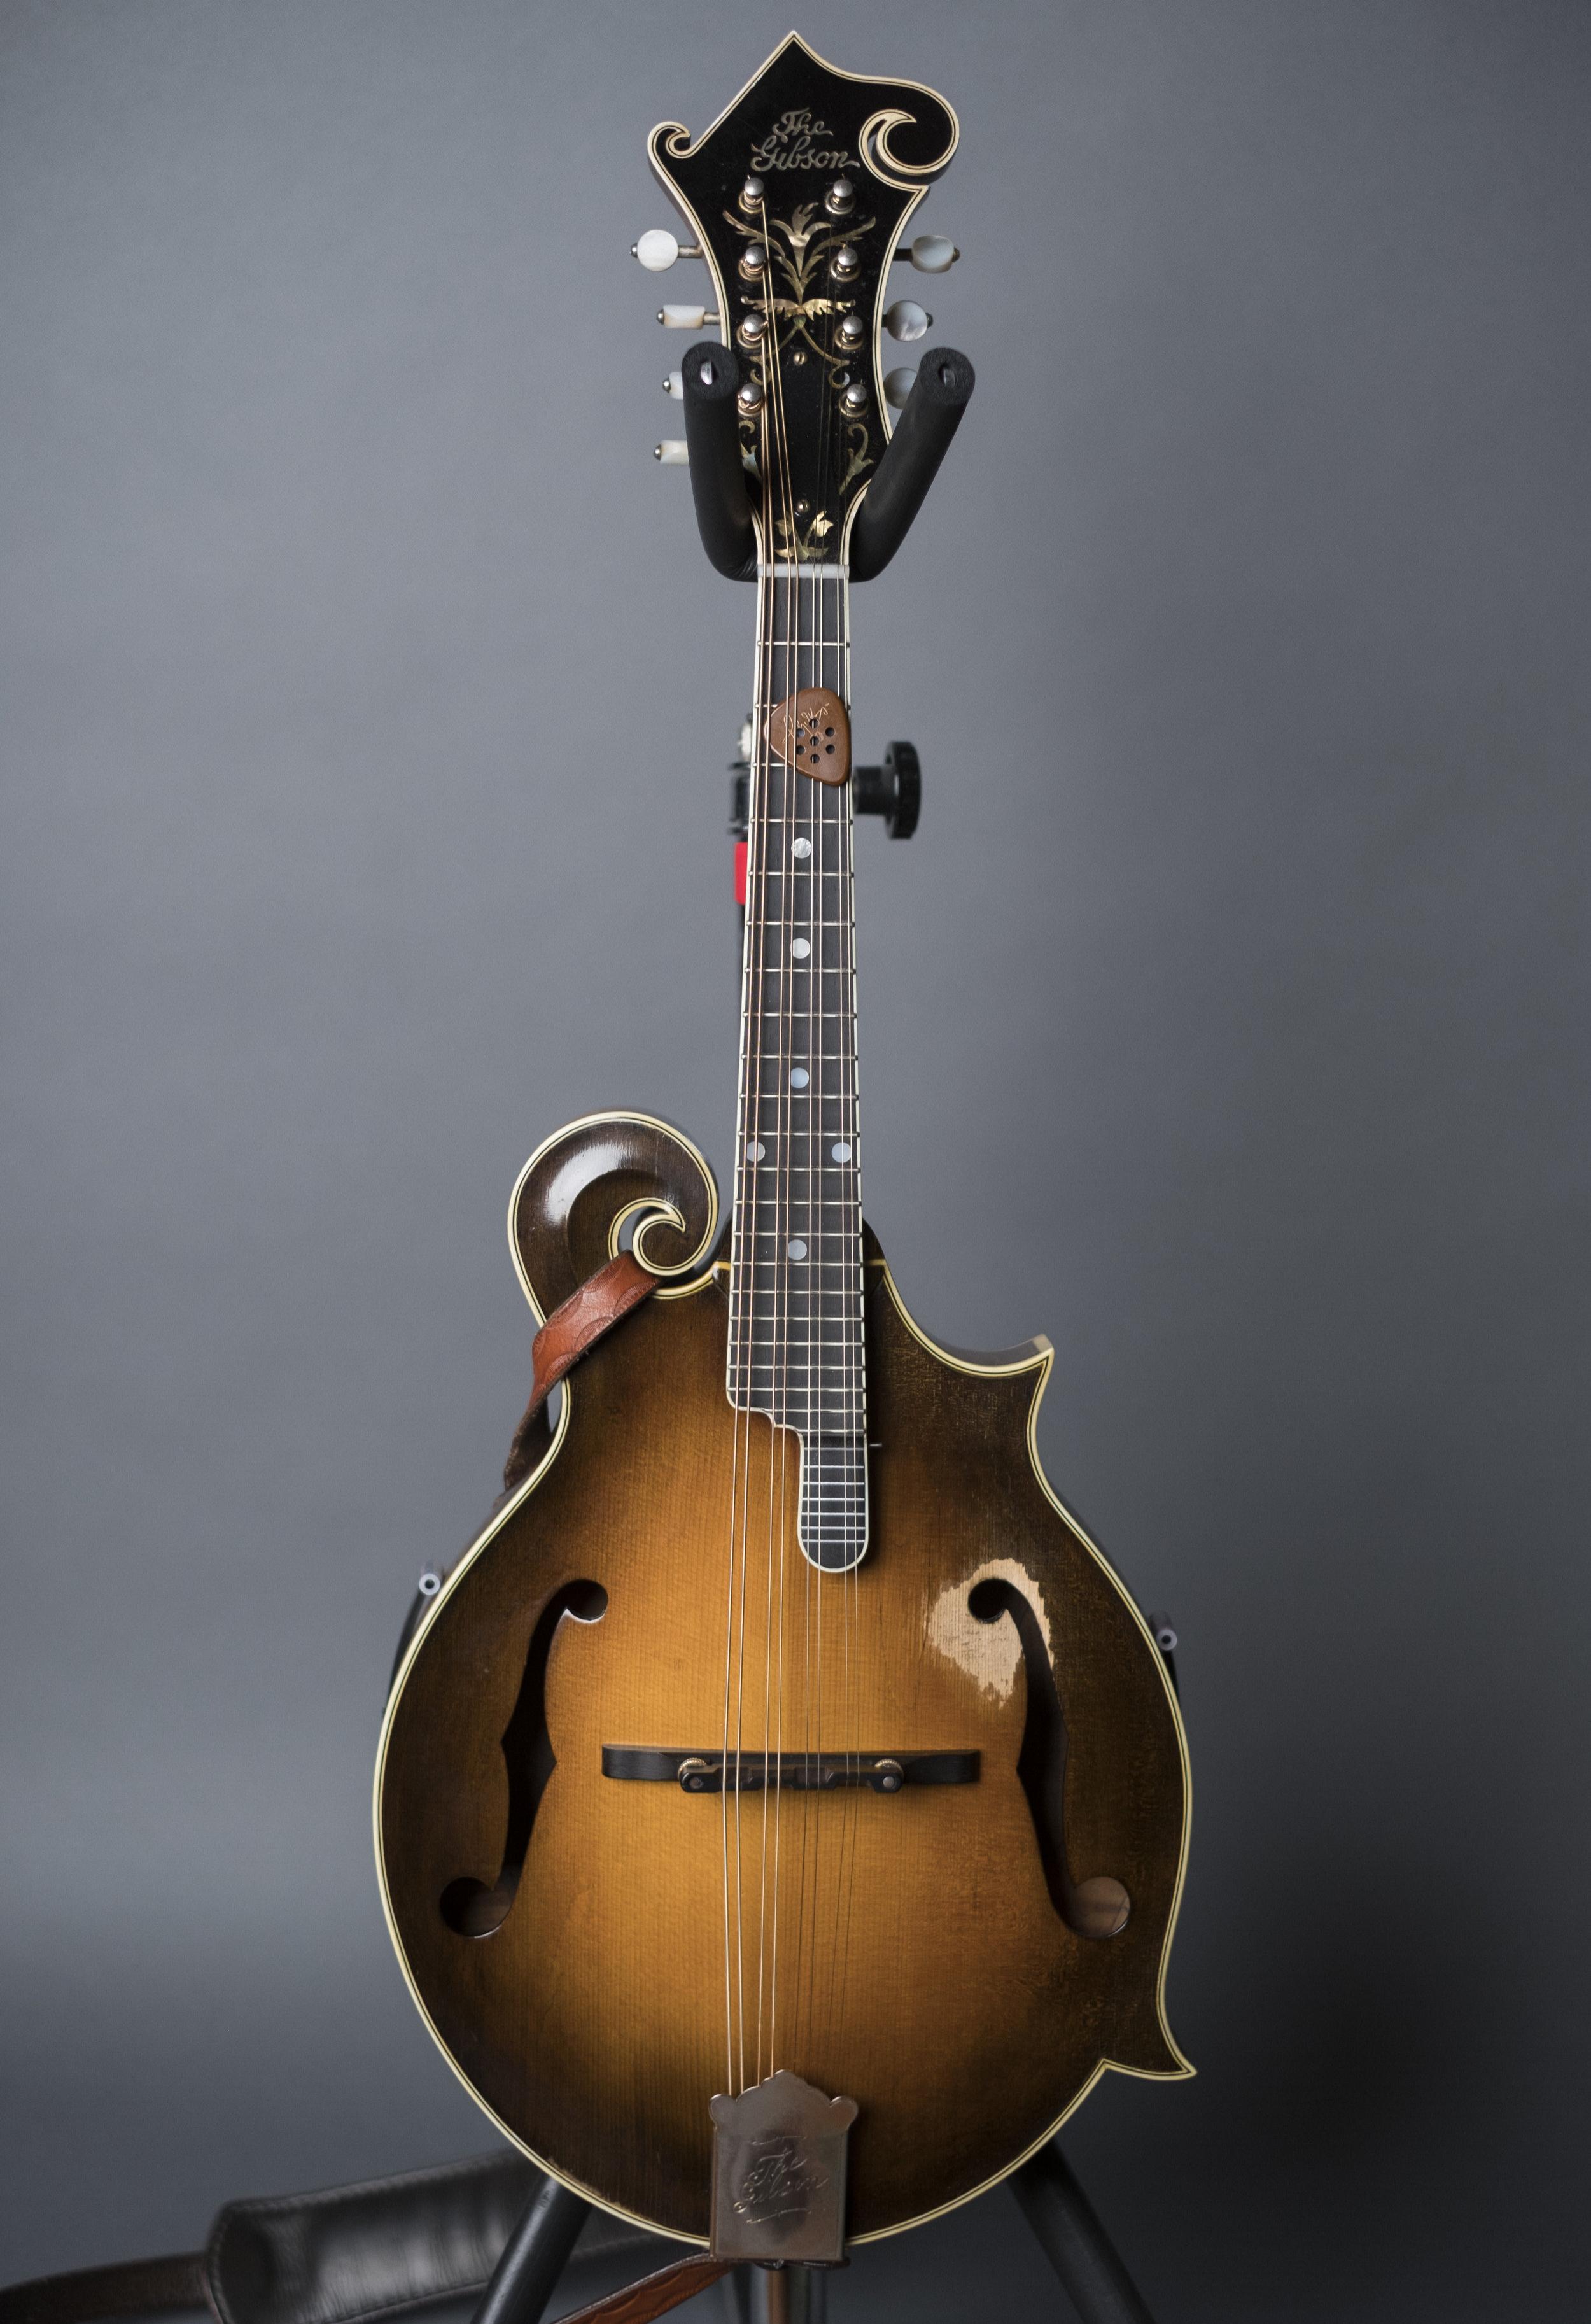 Ricky Skagg's 1922 Gibson Loar F5